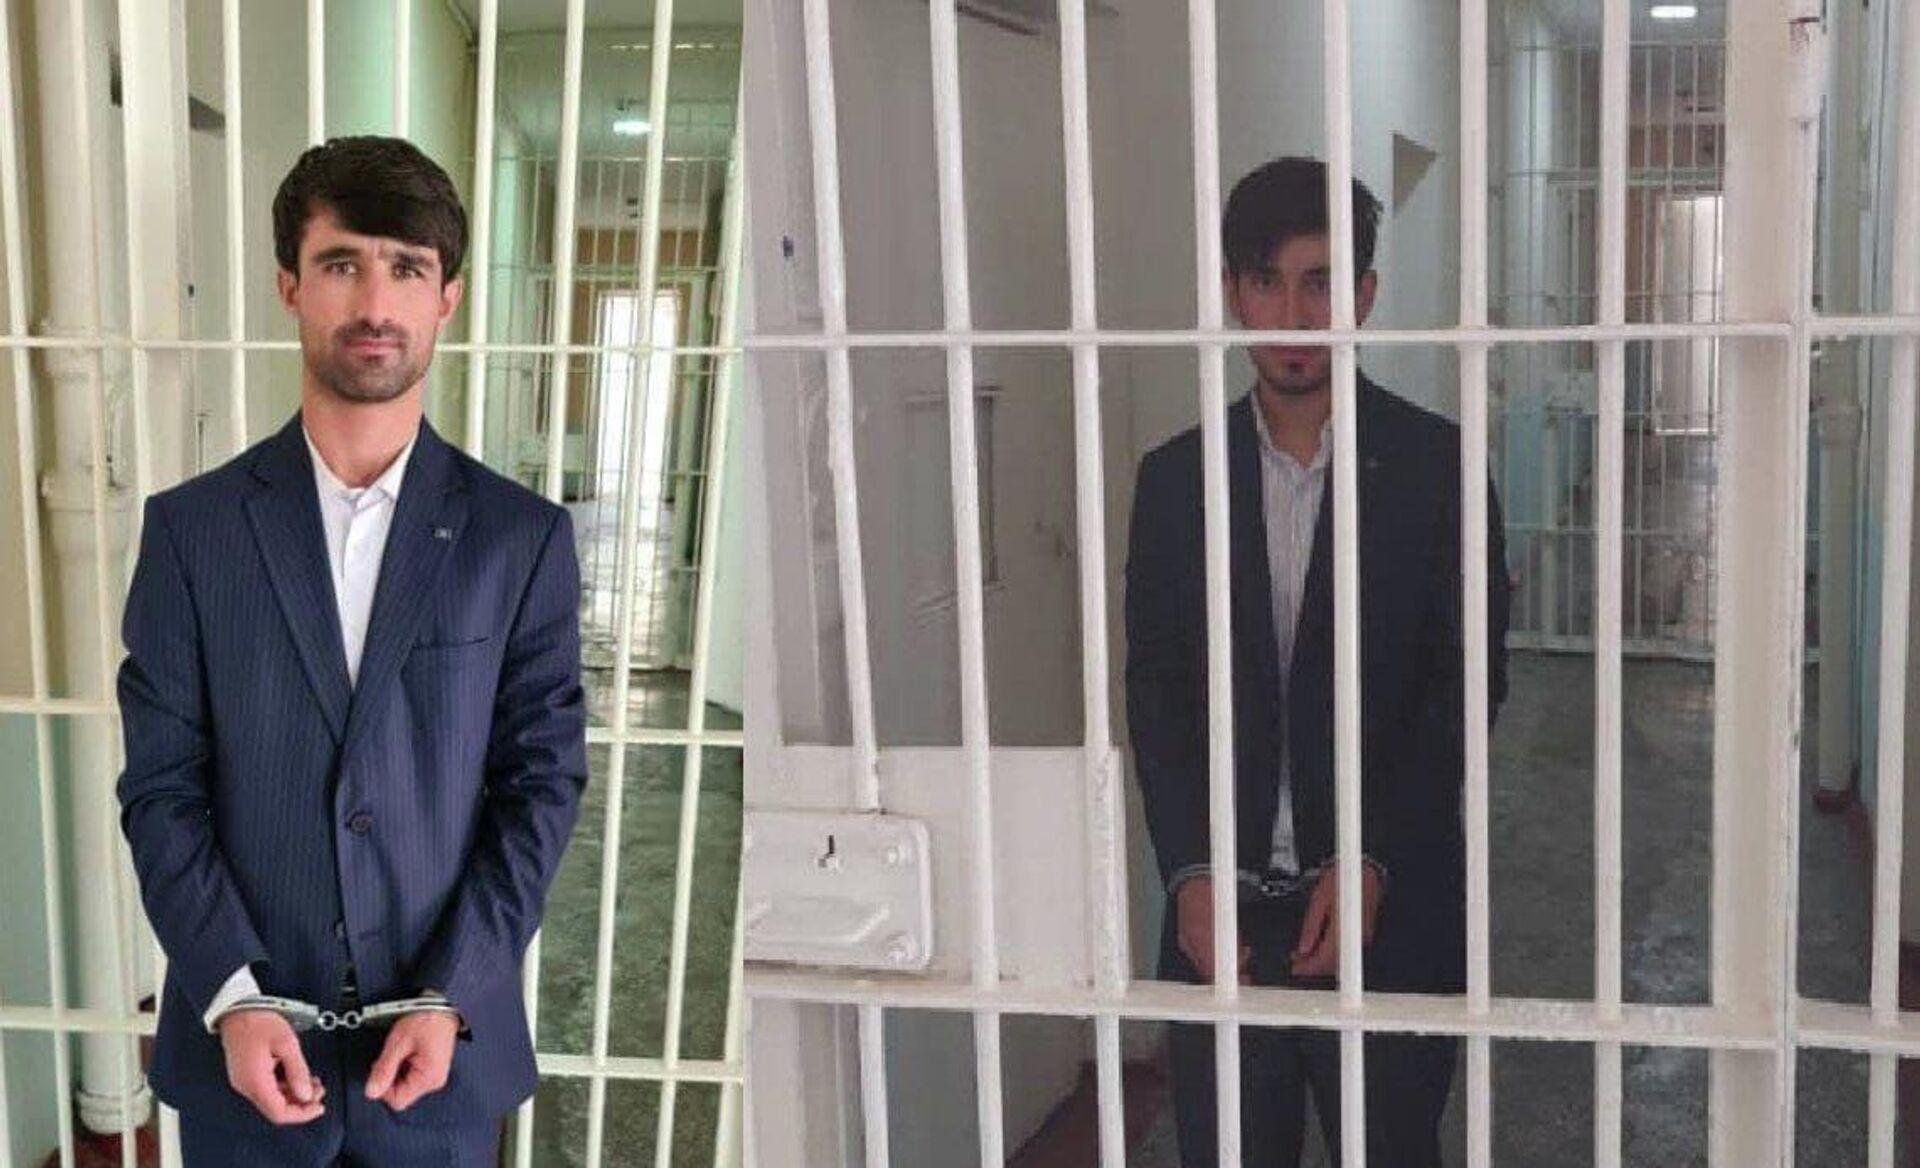 В Душанбе арестованы директора двух ресторанов Лондон и Парасту - Sputnik Таджикистан, 1920, 23.09.2021